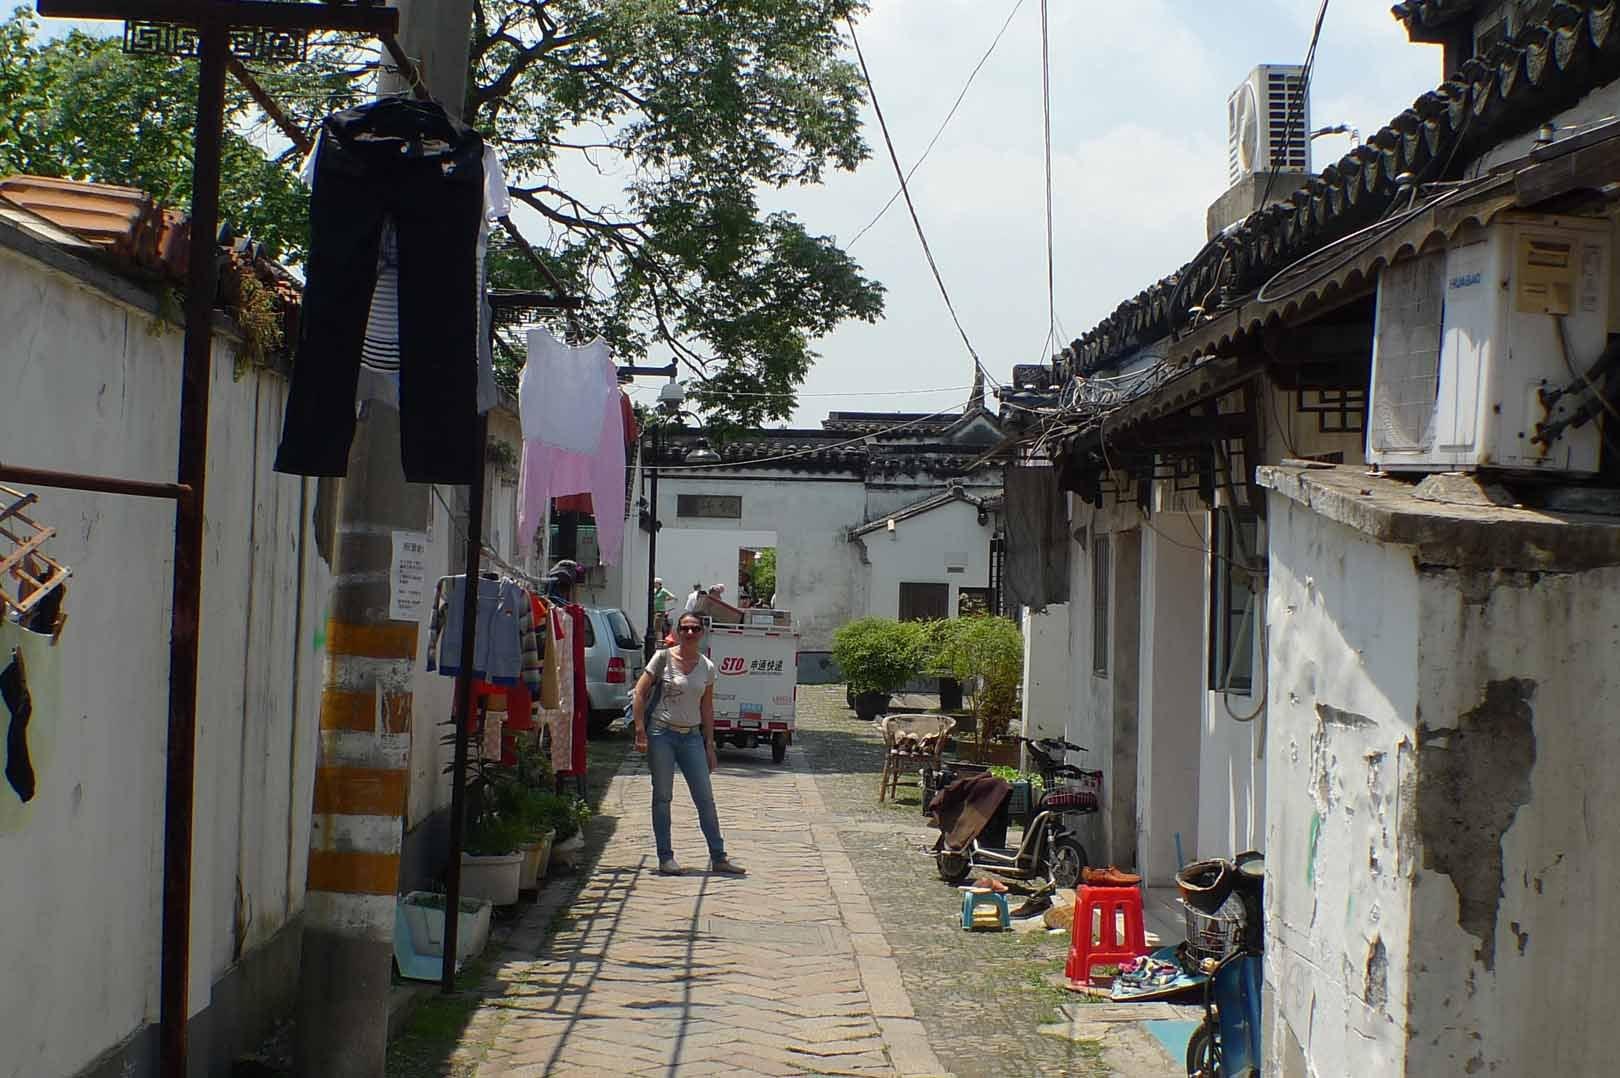 Shanghai_Hotspots_Slideshow_023